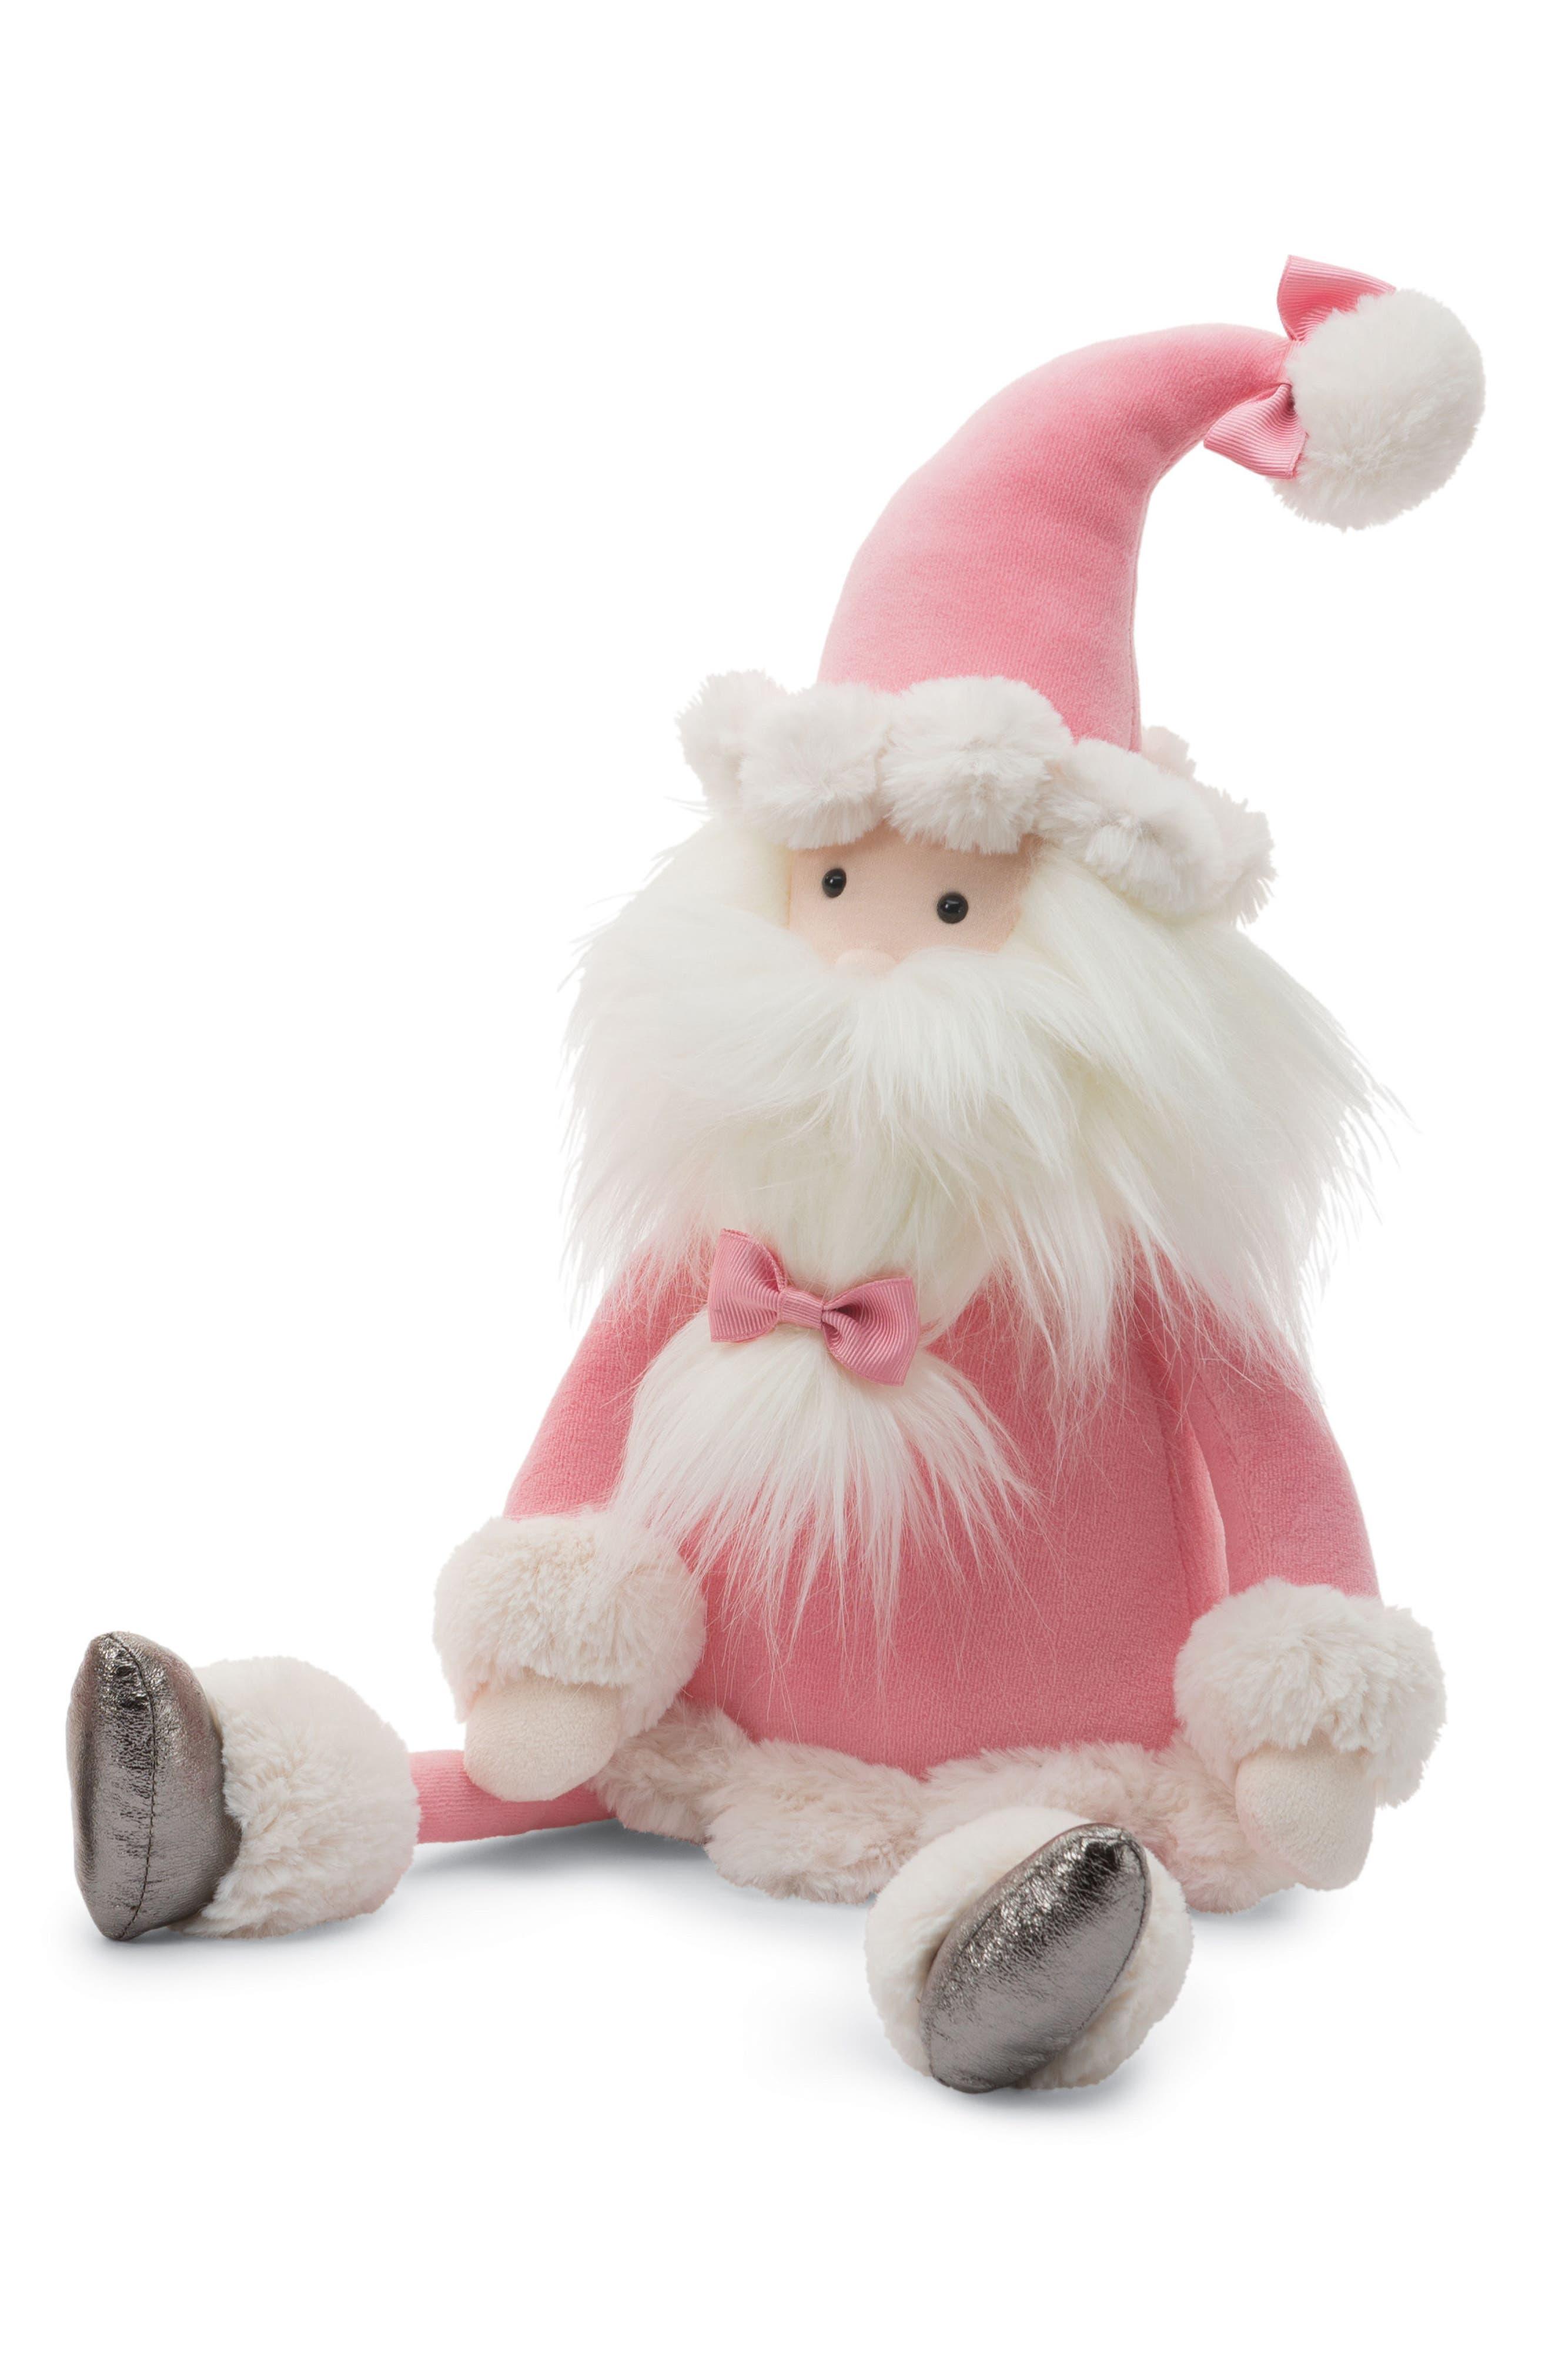 Medium Splendid Santa Stuffed Doll,                             Main thumbnail 1, color,                             680